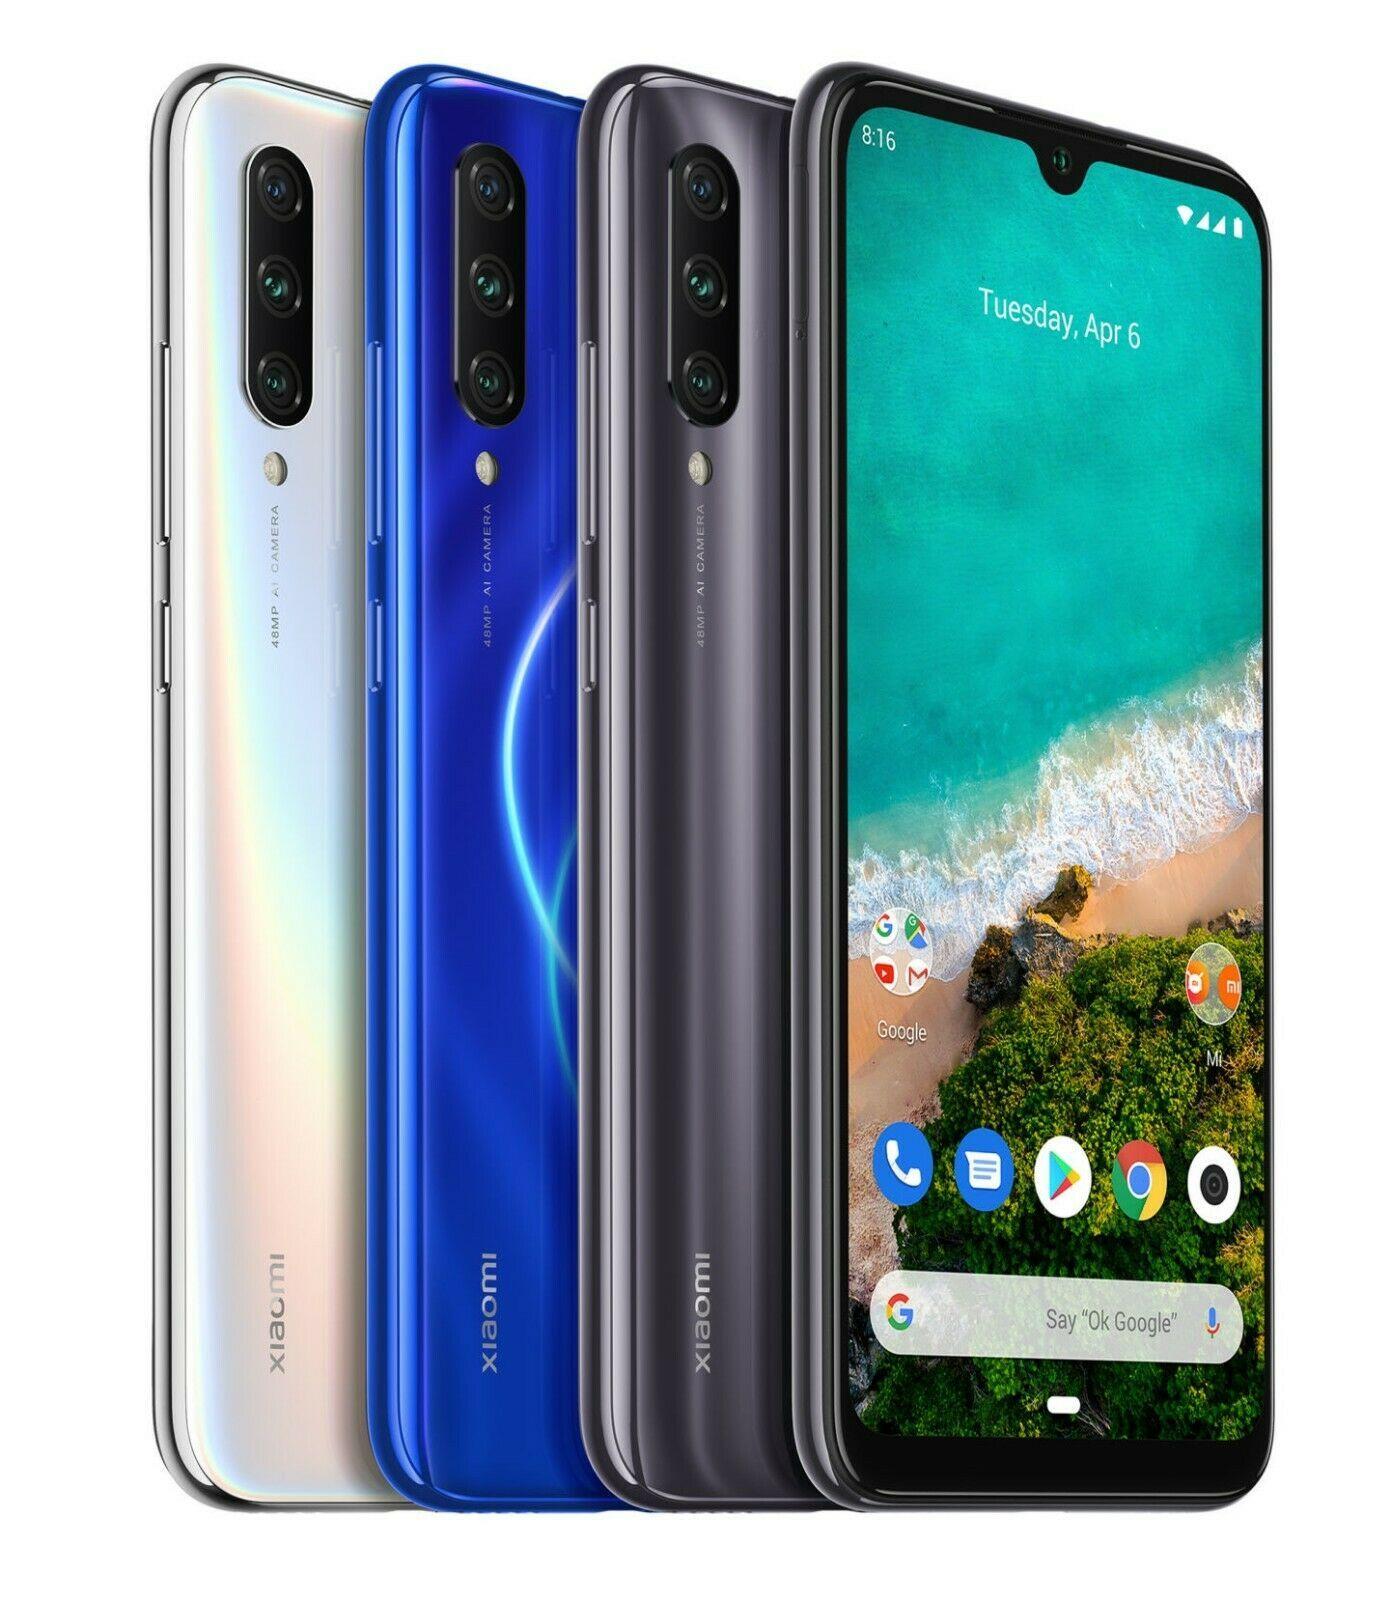 """Xiaomi Mi A3 4GB 64GB Celulares Versão Global 6.088 """"4G Celular Qualcomm Snapdragon 665 6.088"""" 48MP AI Câmera Tripla 4030mAh"""